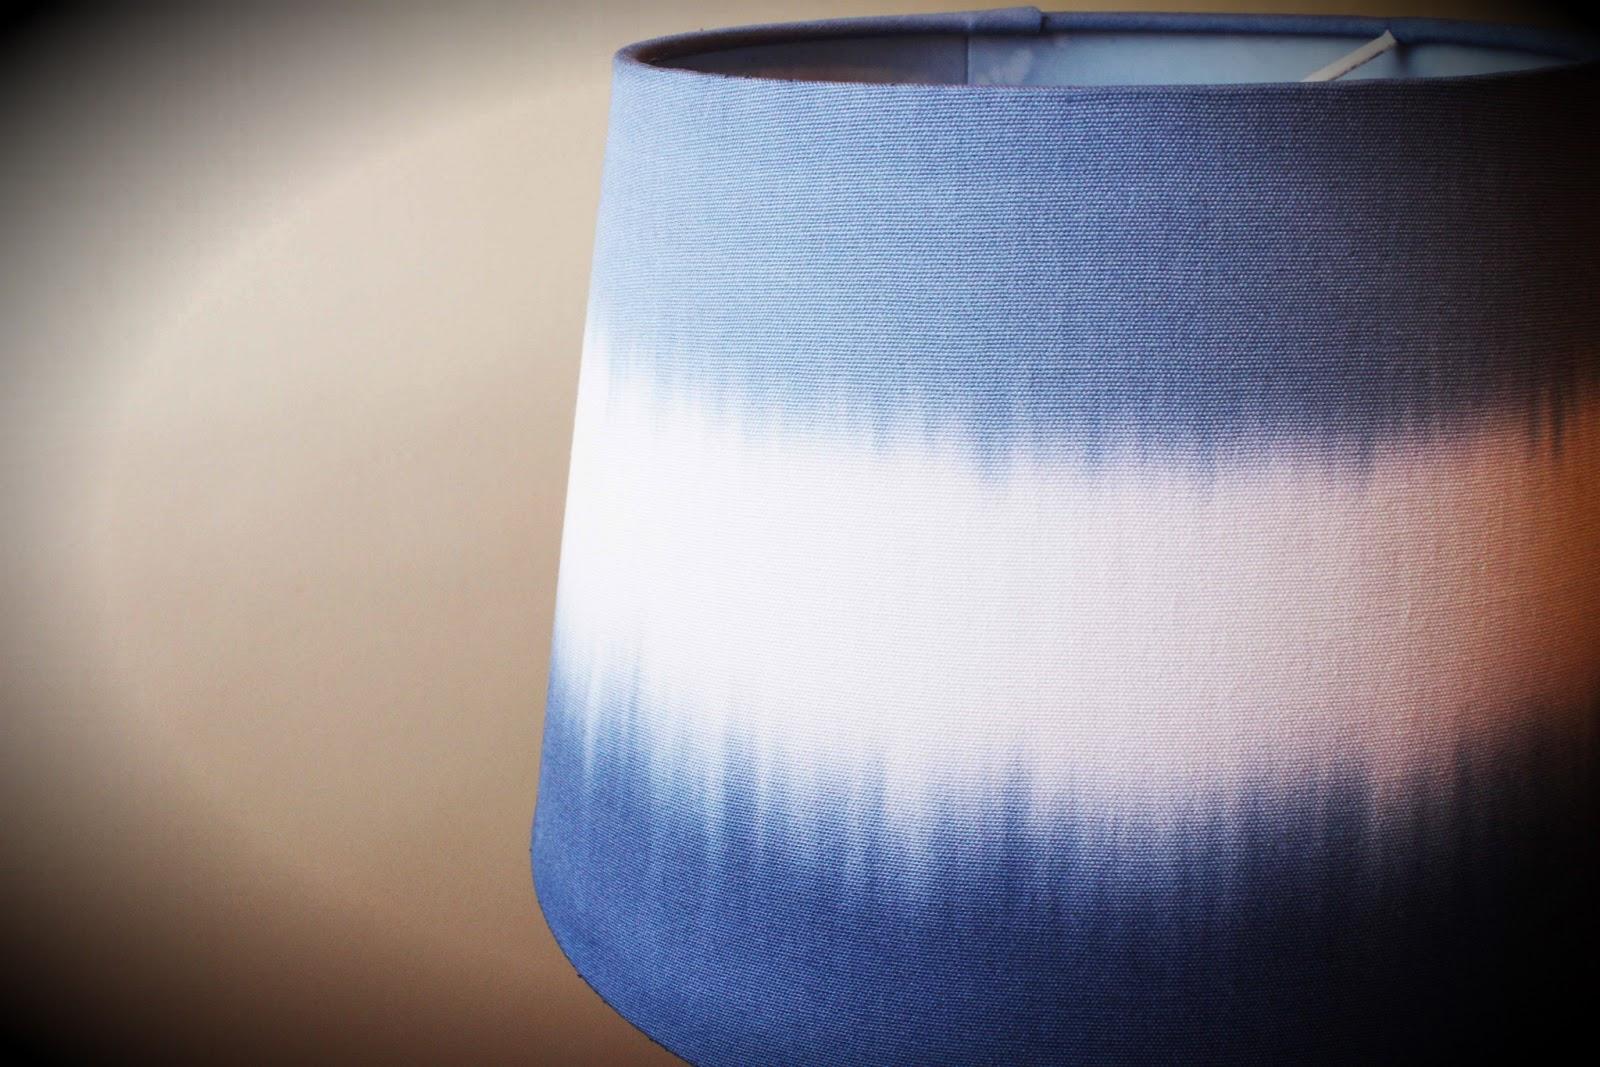 divin 39 id le blog d co diy une lampe tie and dye pour moins de 20. Black Bedroom Furniture Sets. Home Design Ideas